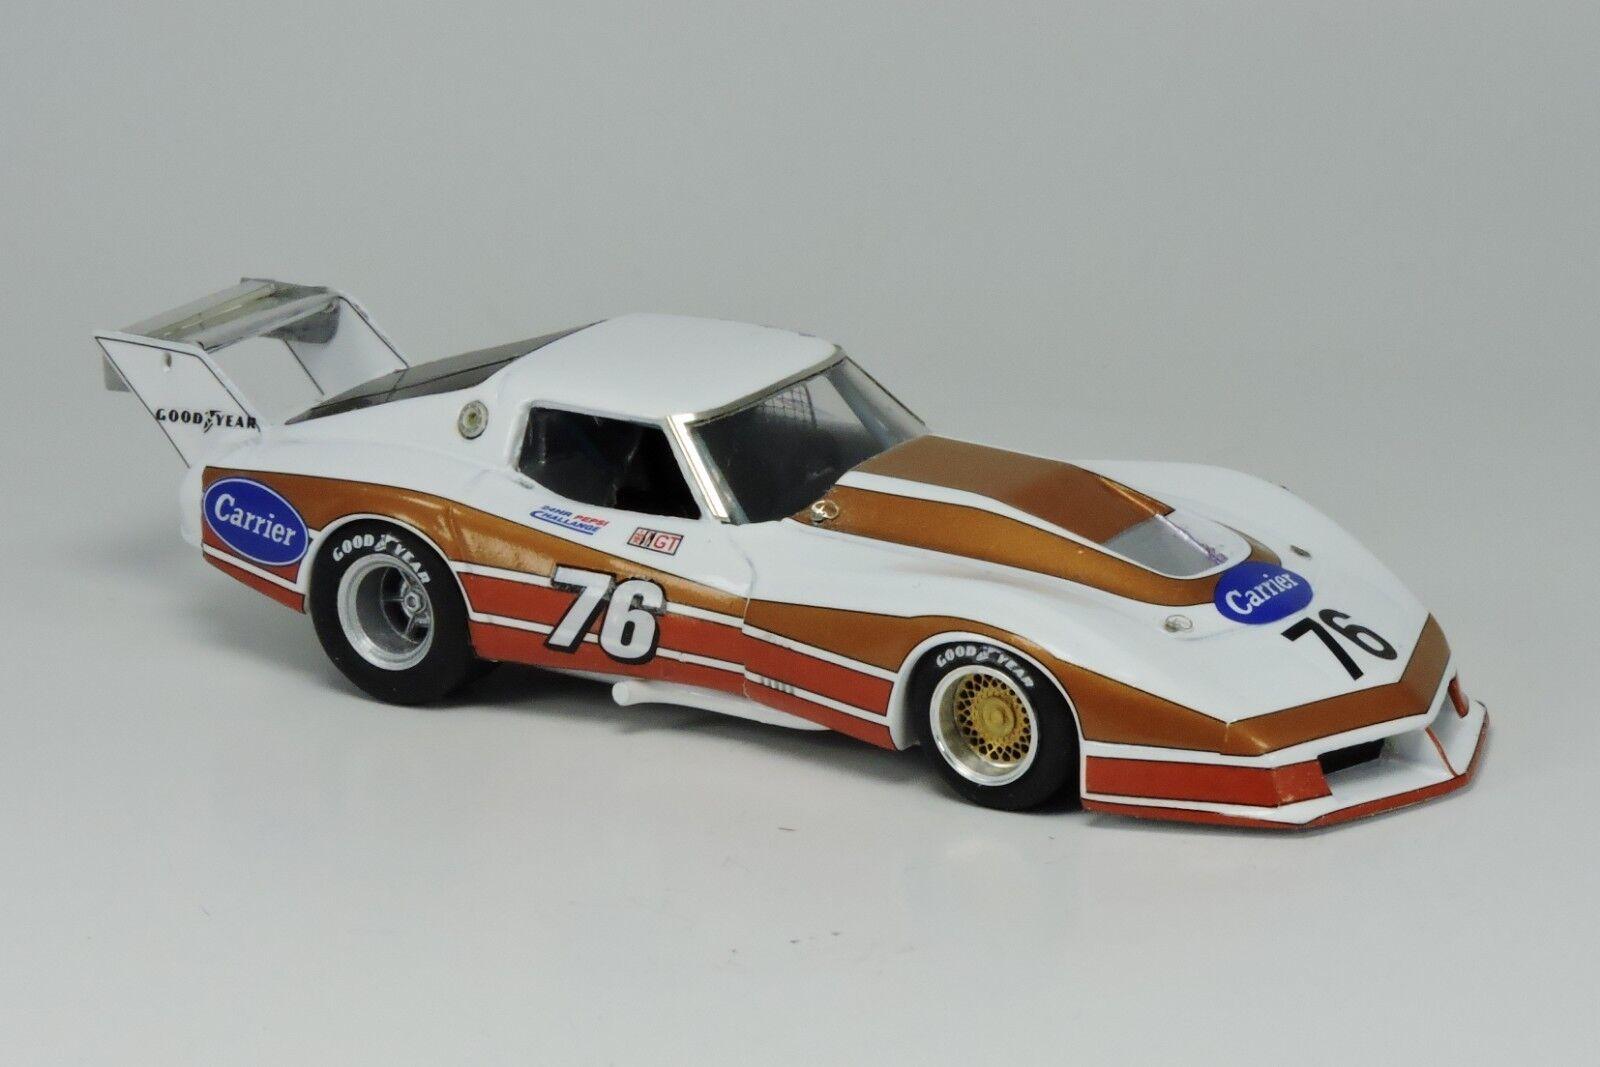 +kit Corvette C3 Tubular Frame Riverside 1980 - Arena Models kit 1 43